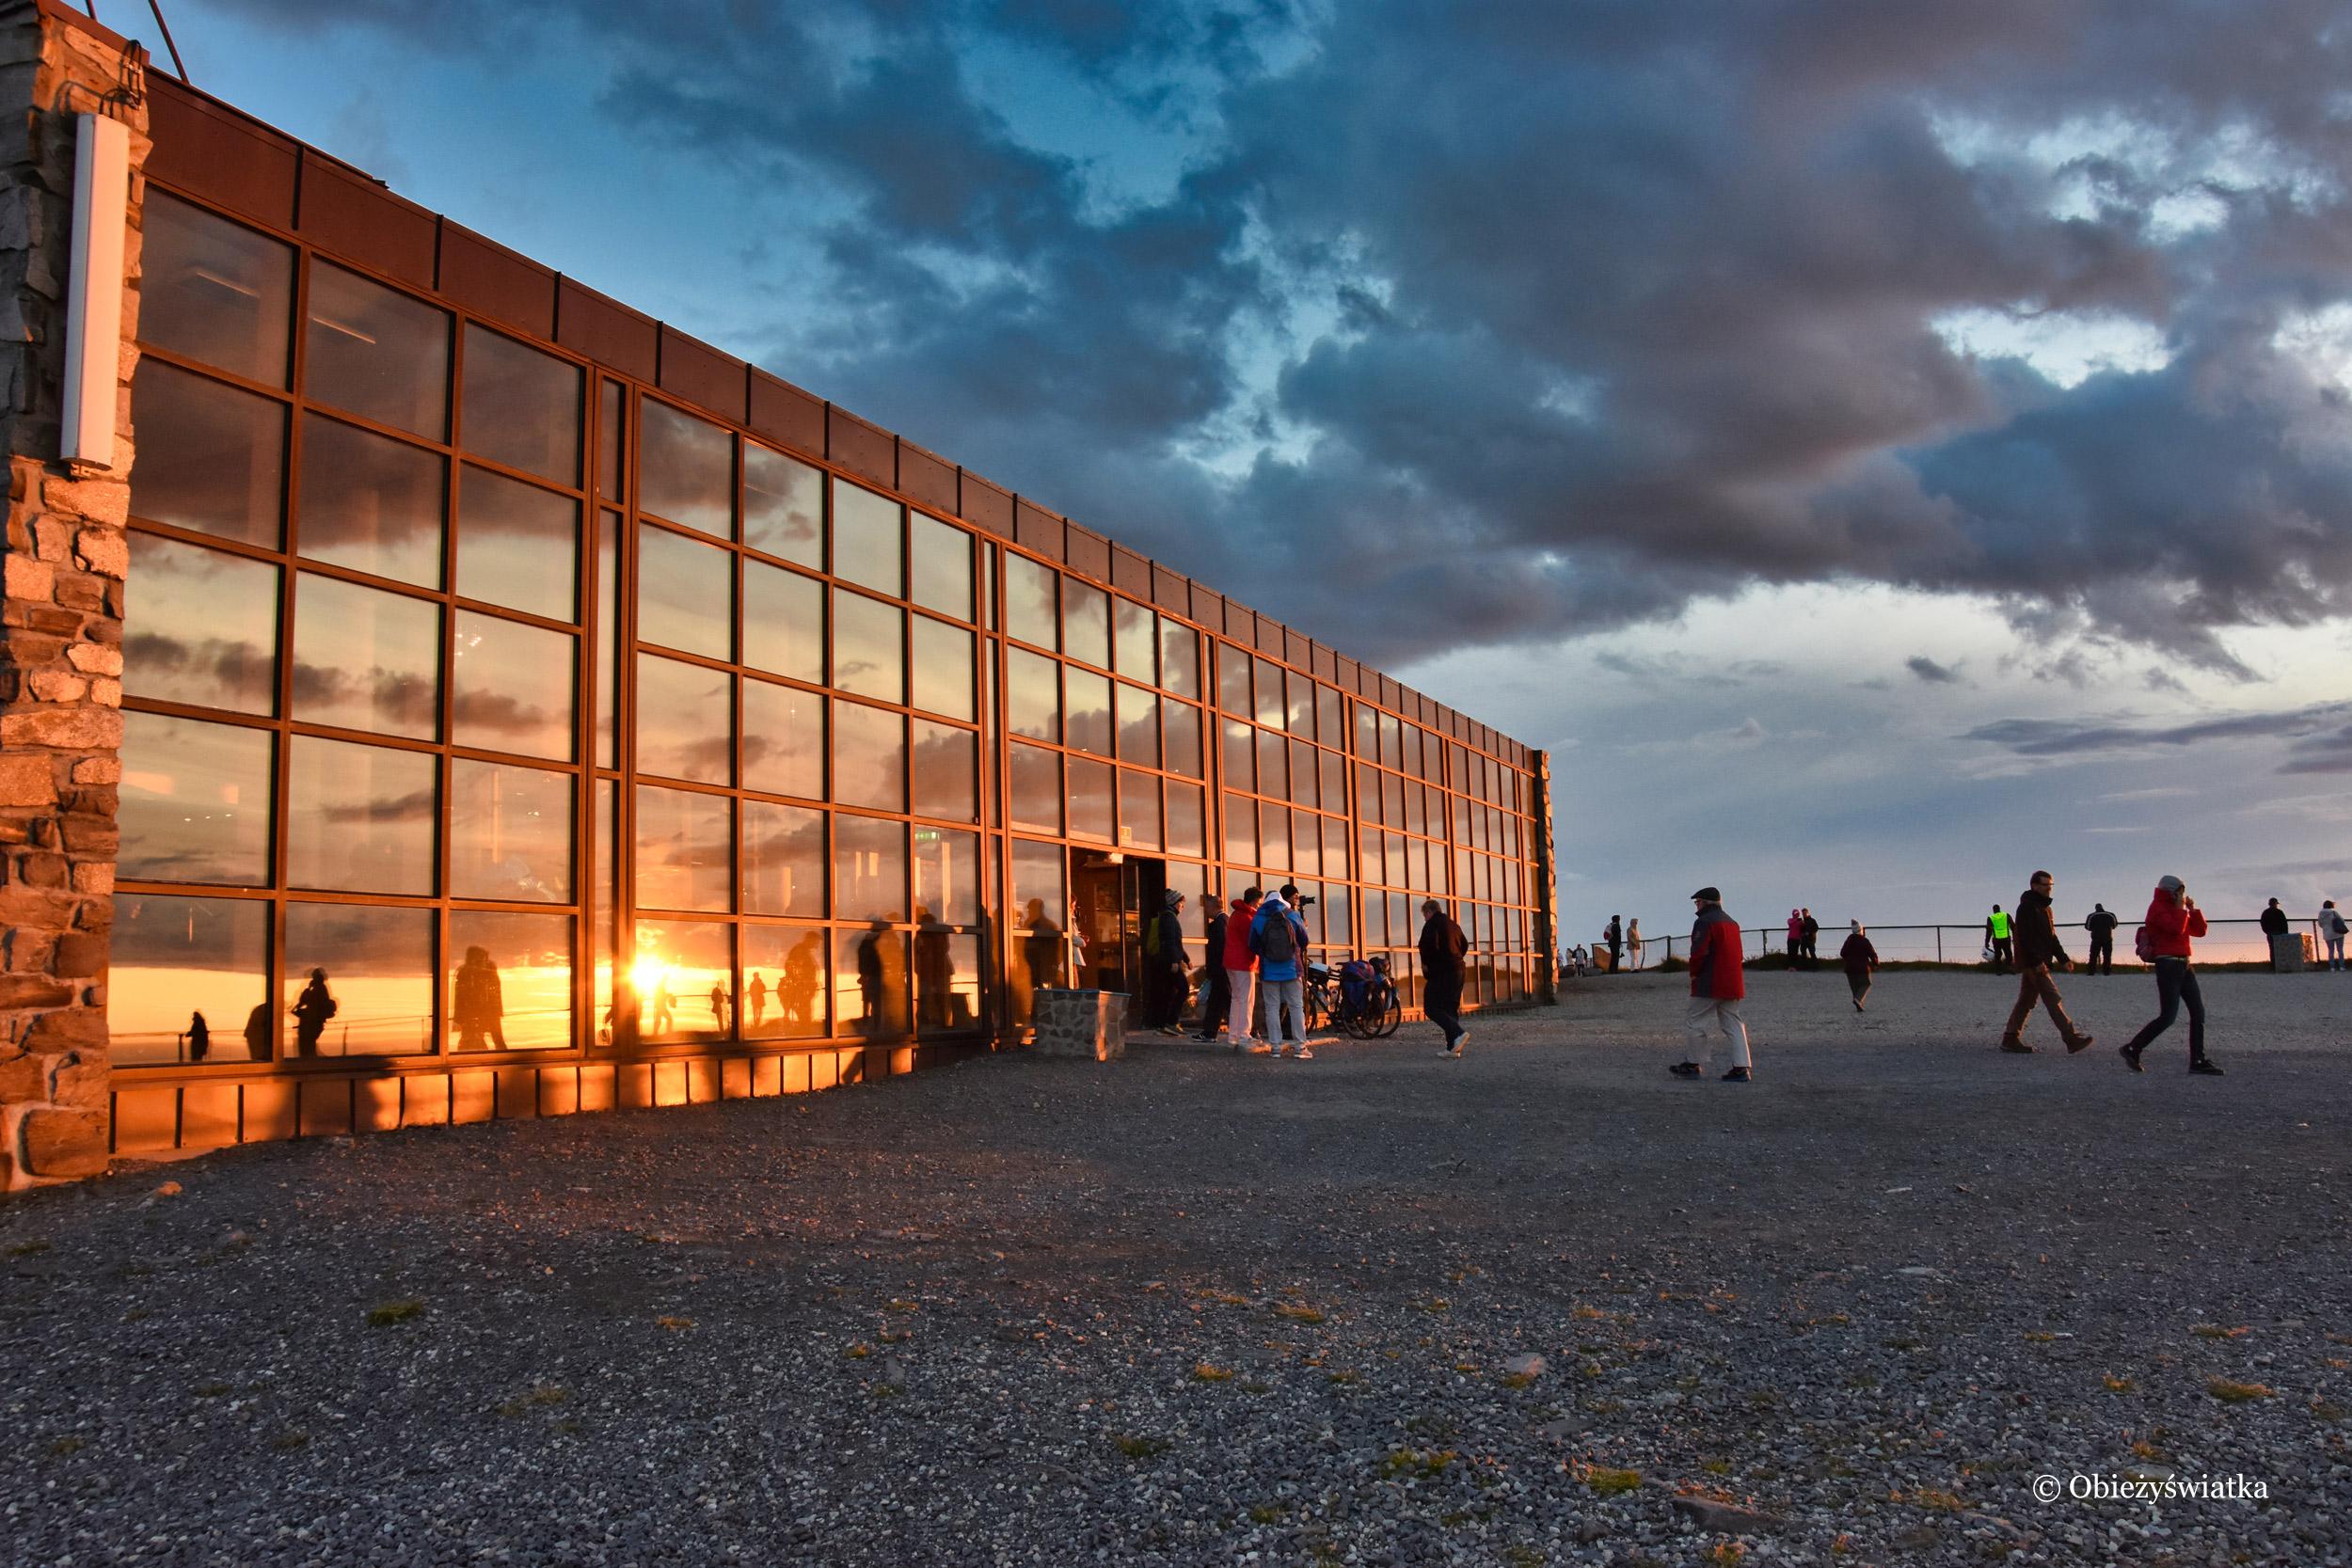 W blasku zachodzącego słońca - Hala Nordkappu / Przylądek Północny